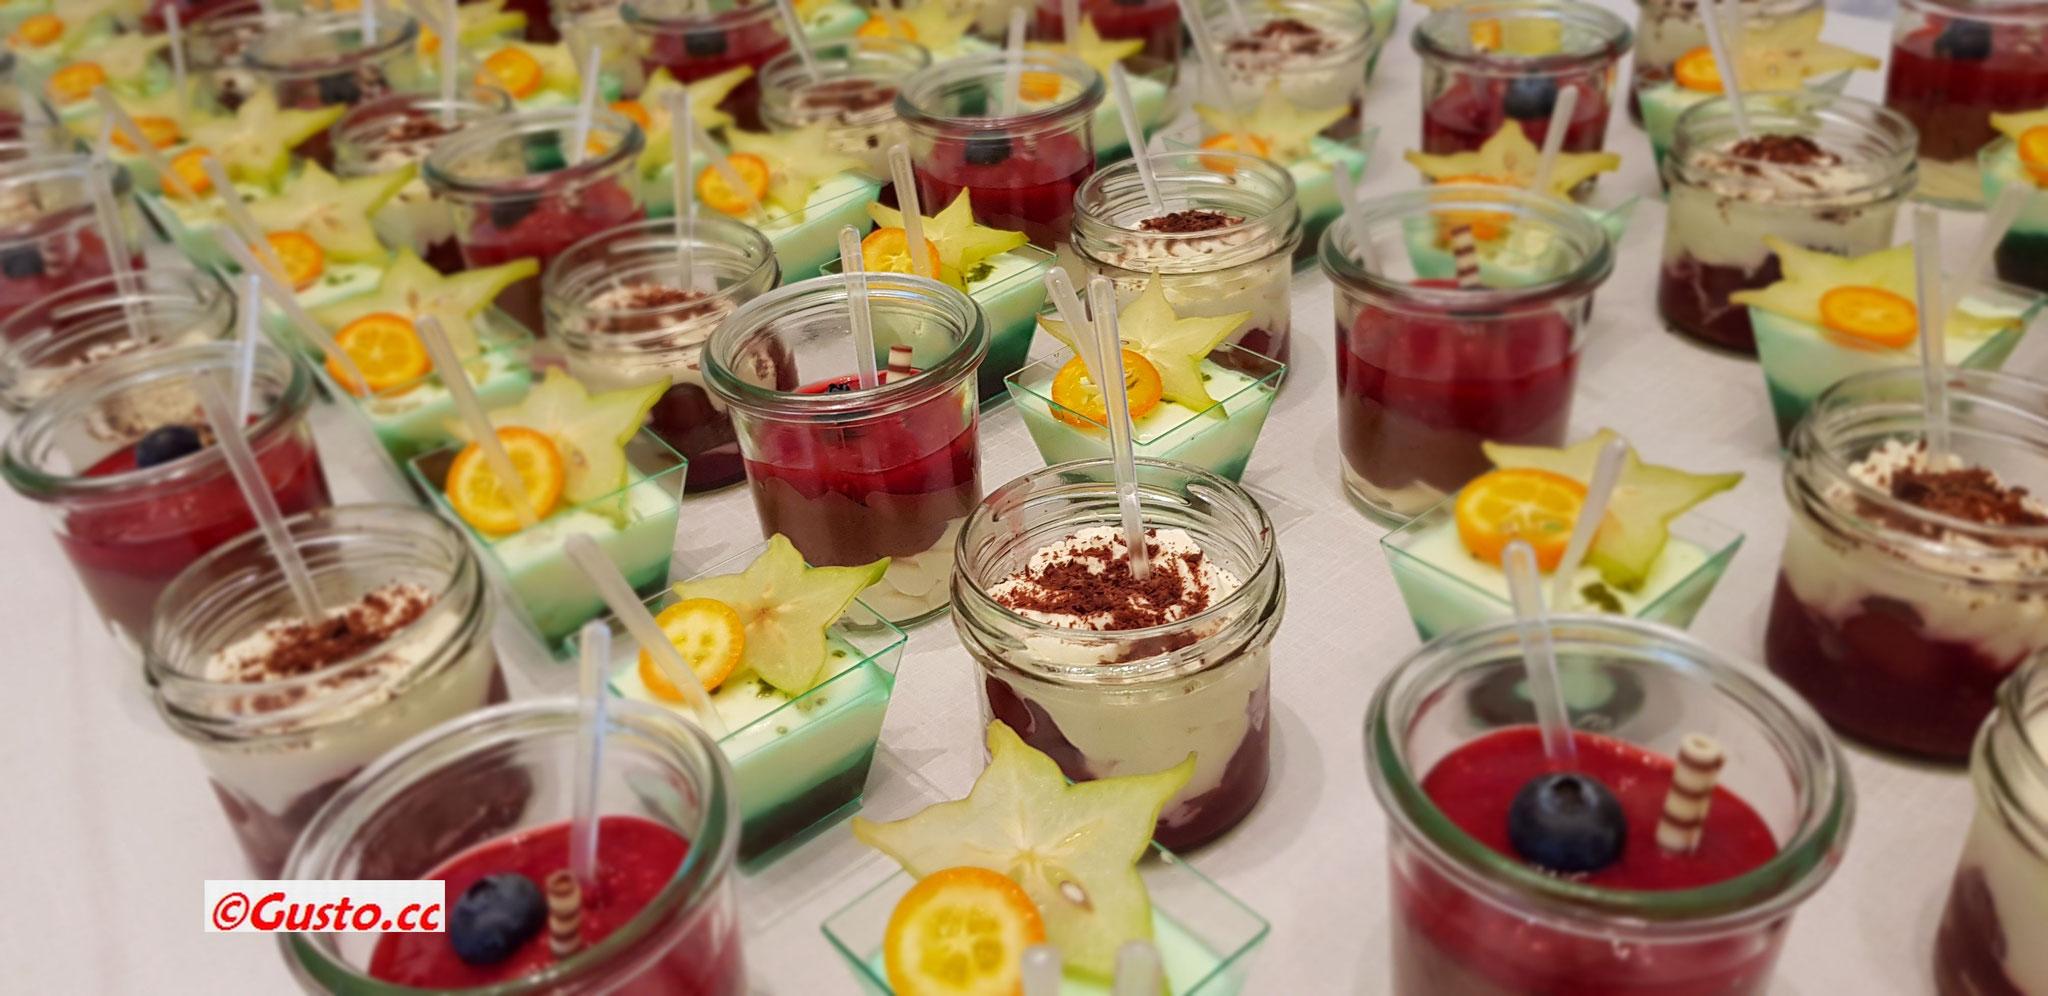 Dessertvariationen, schick im Gläschen angerichtet